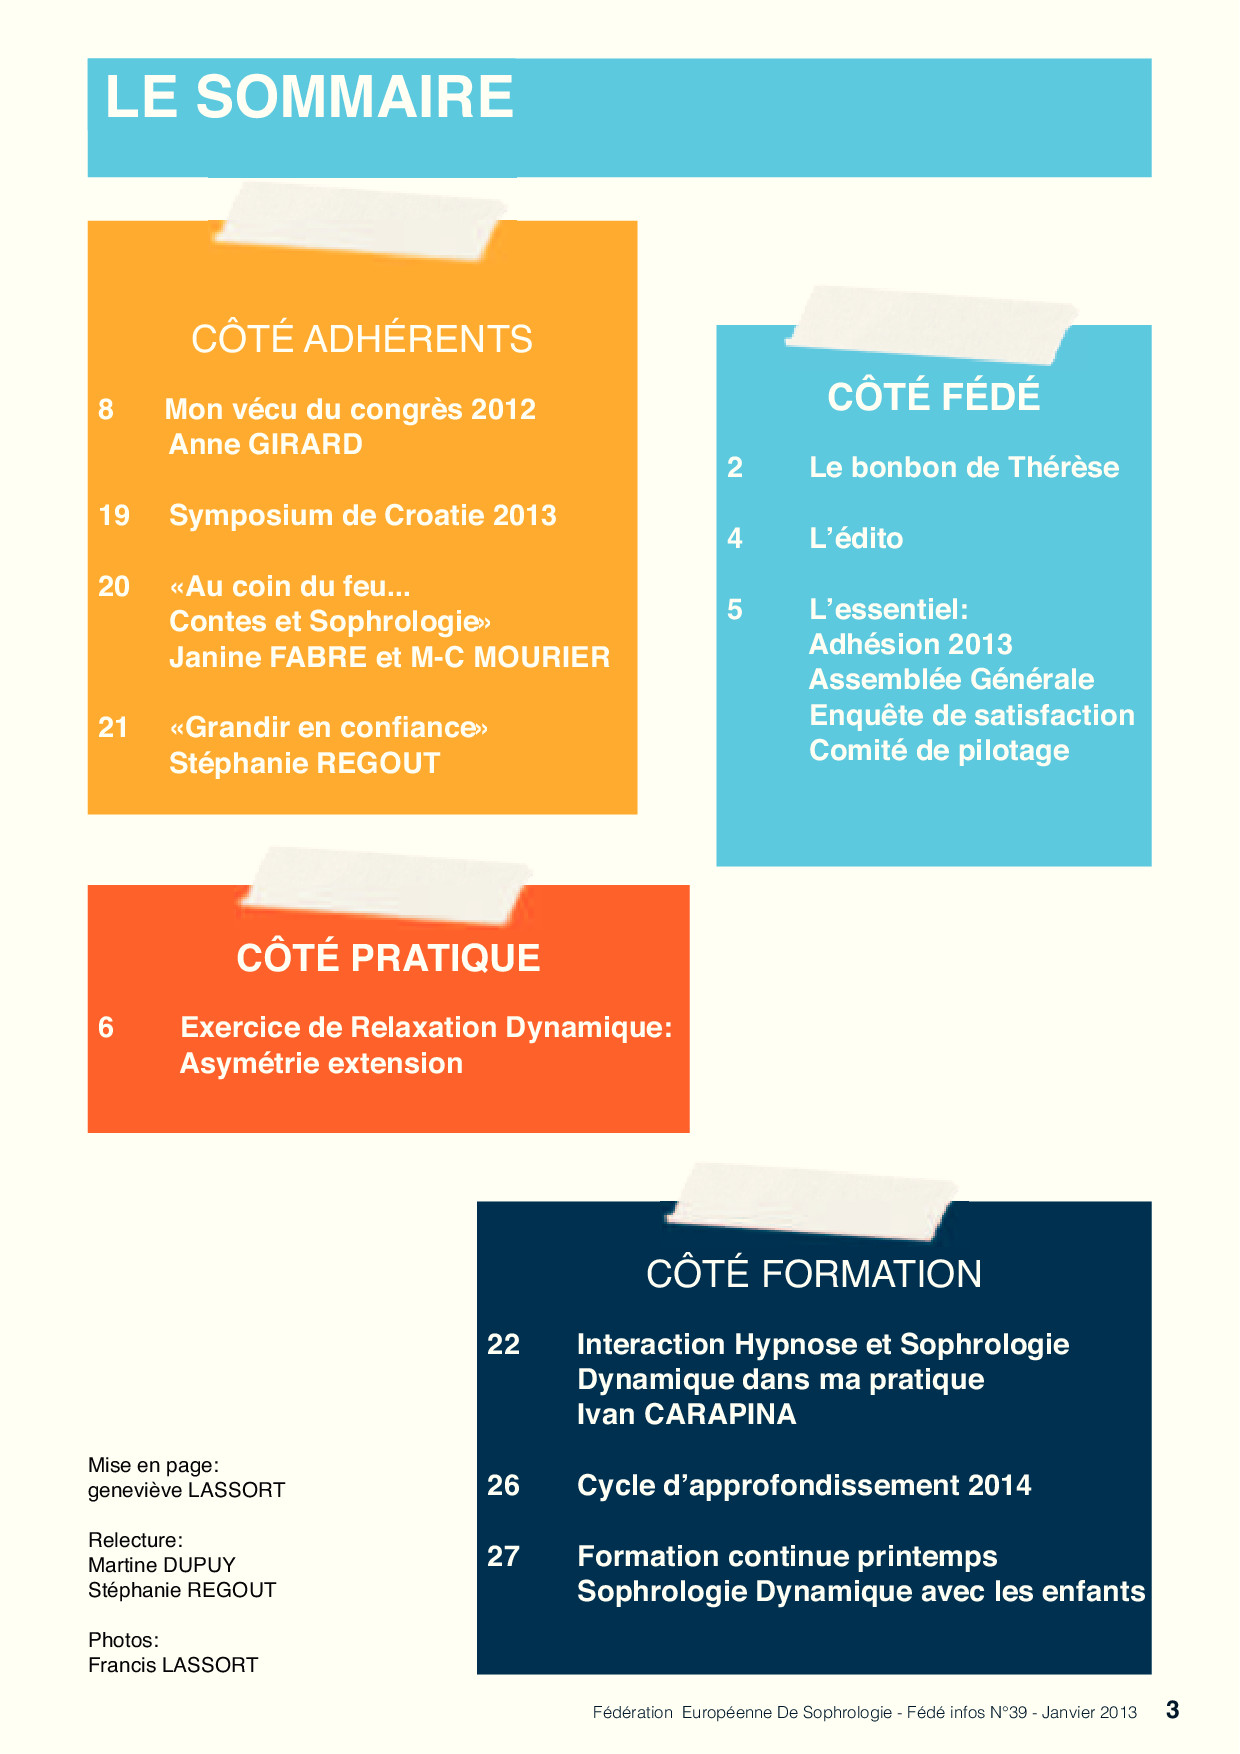 Sommaire Fédé Infos N°39